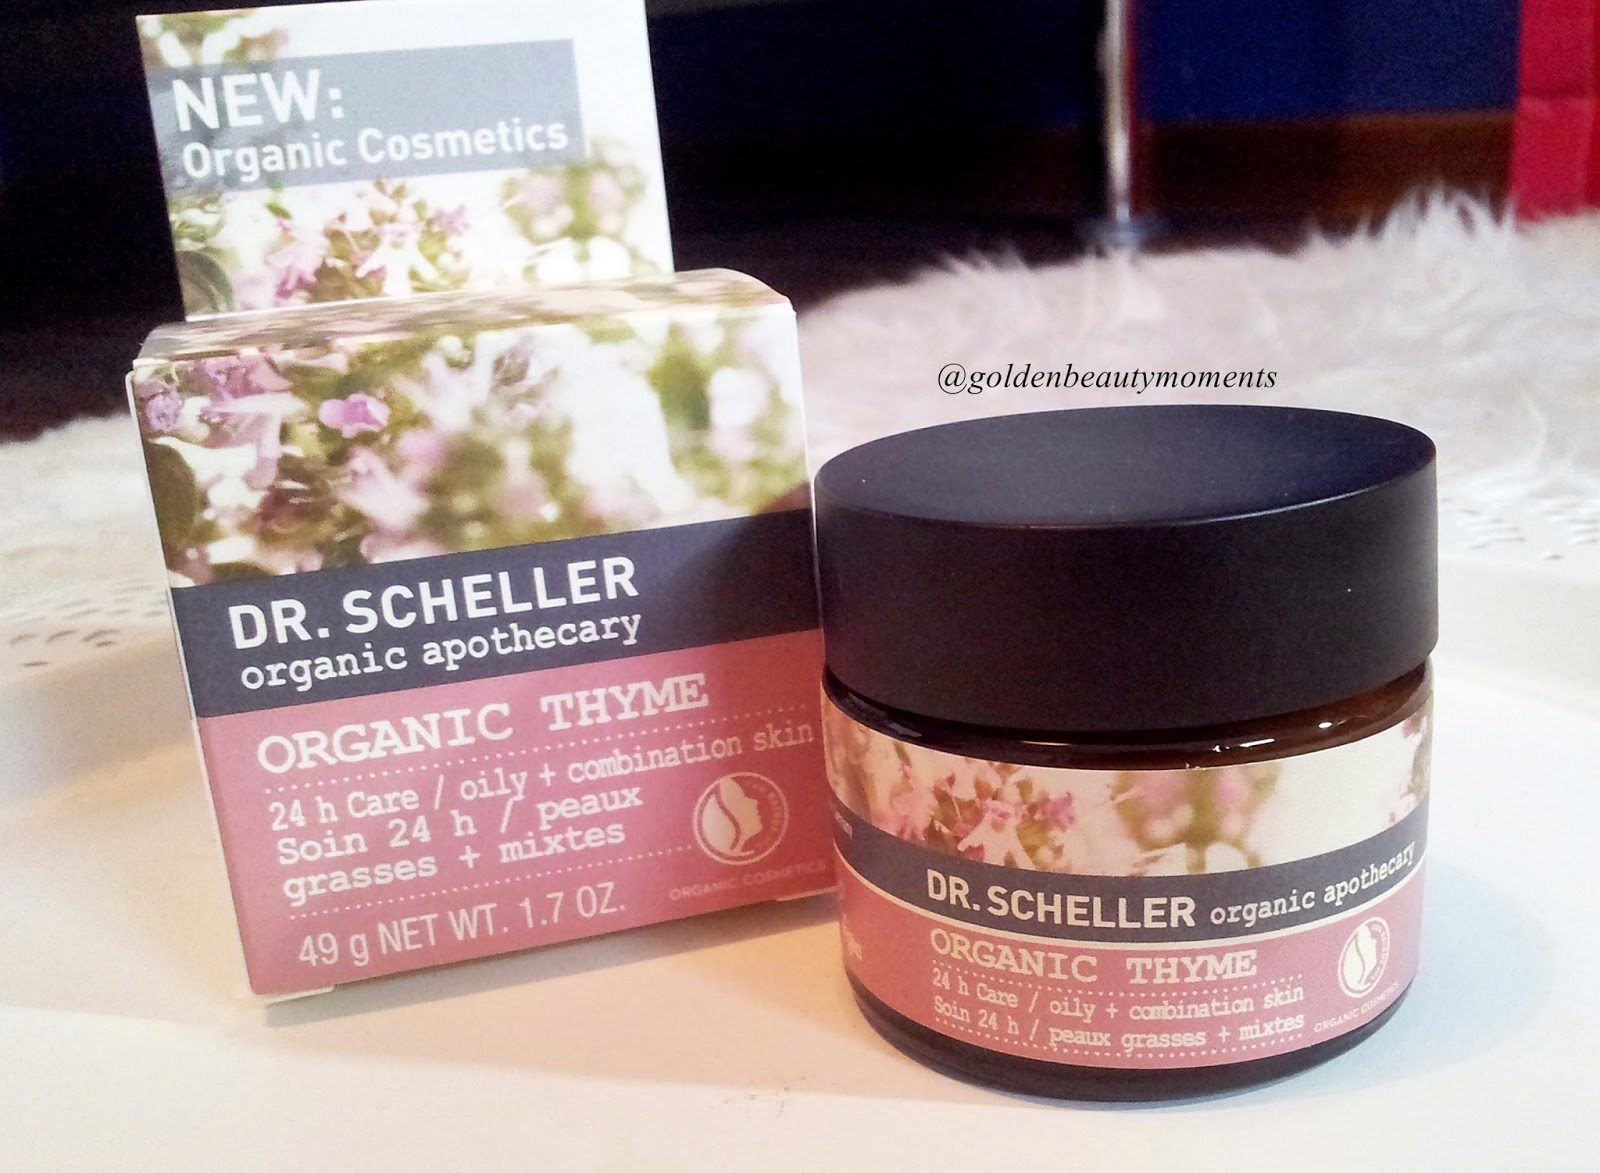 [Review] Dr. Scheller: Bio-Thymian 24h Pflege/ölige/Mischhaut